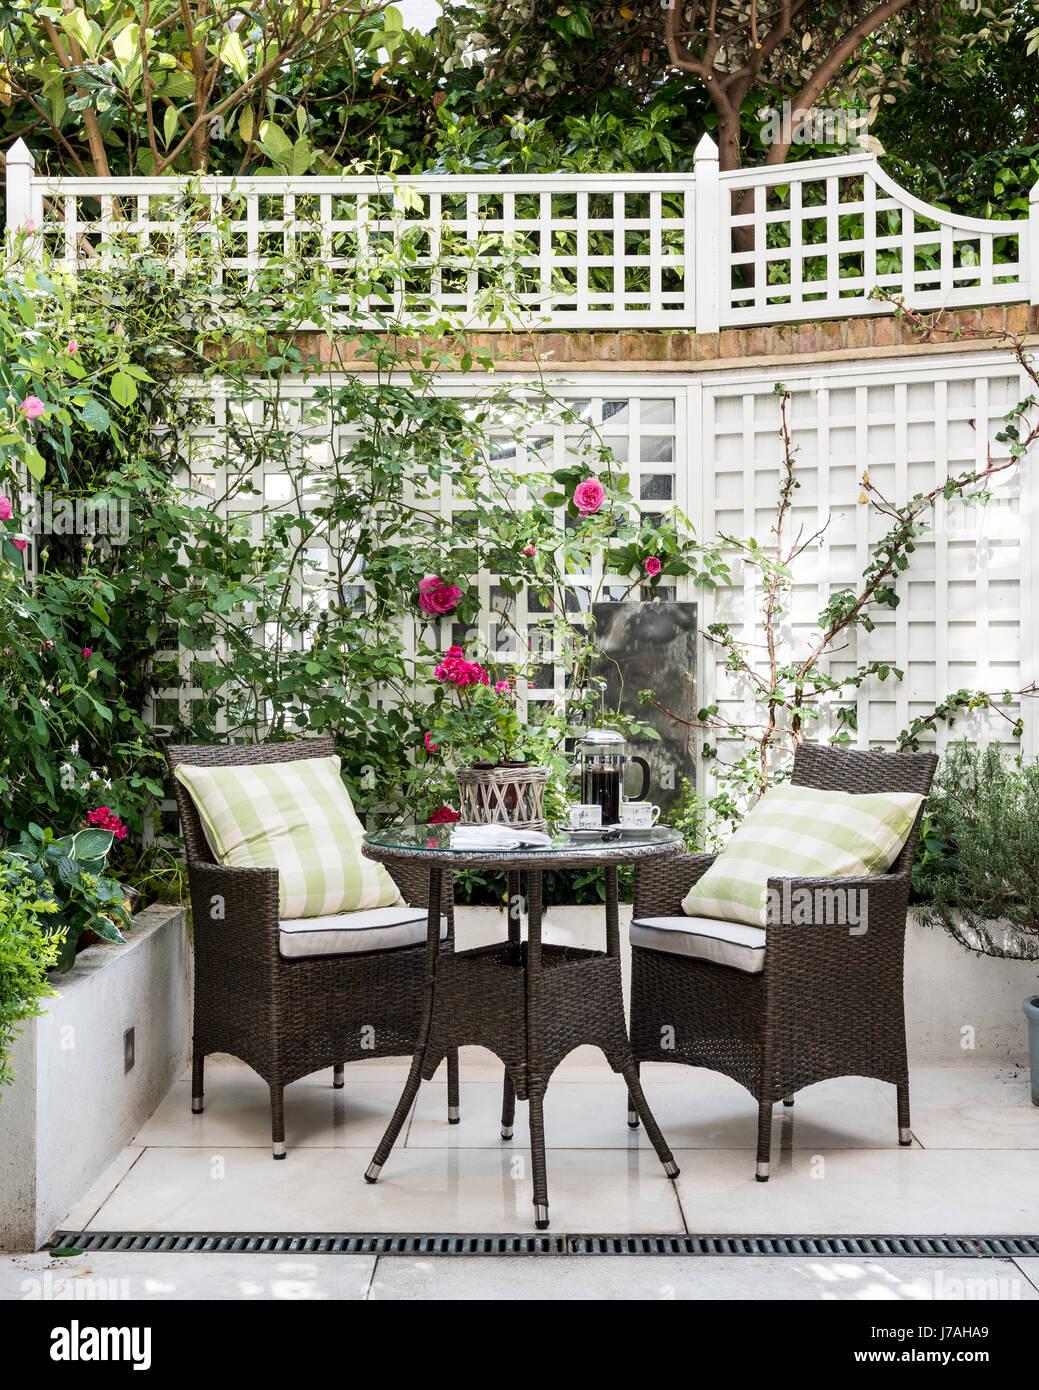 Arredamento in vimini in giardino nel cortile della terrazza Vittoriana, Londra Immagini Stock